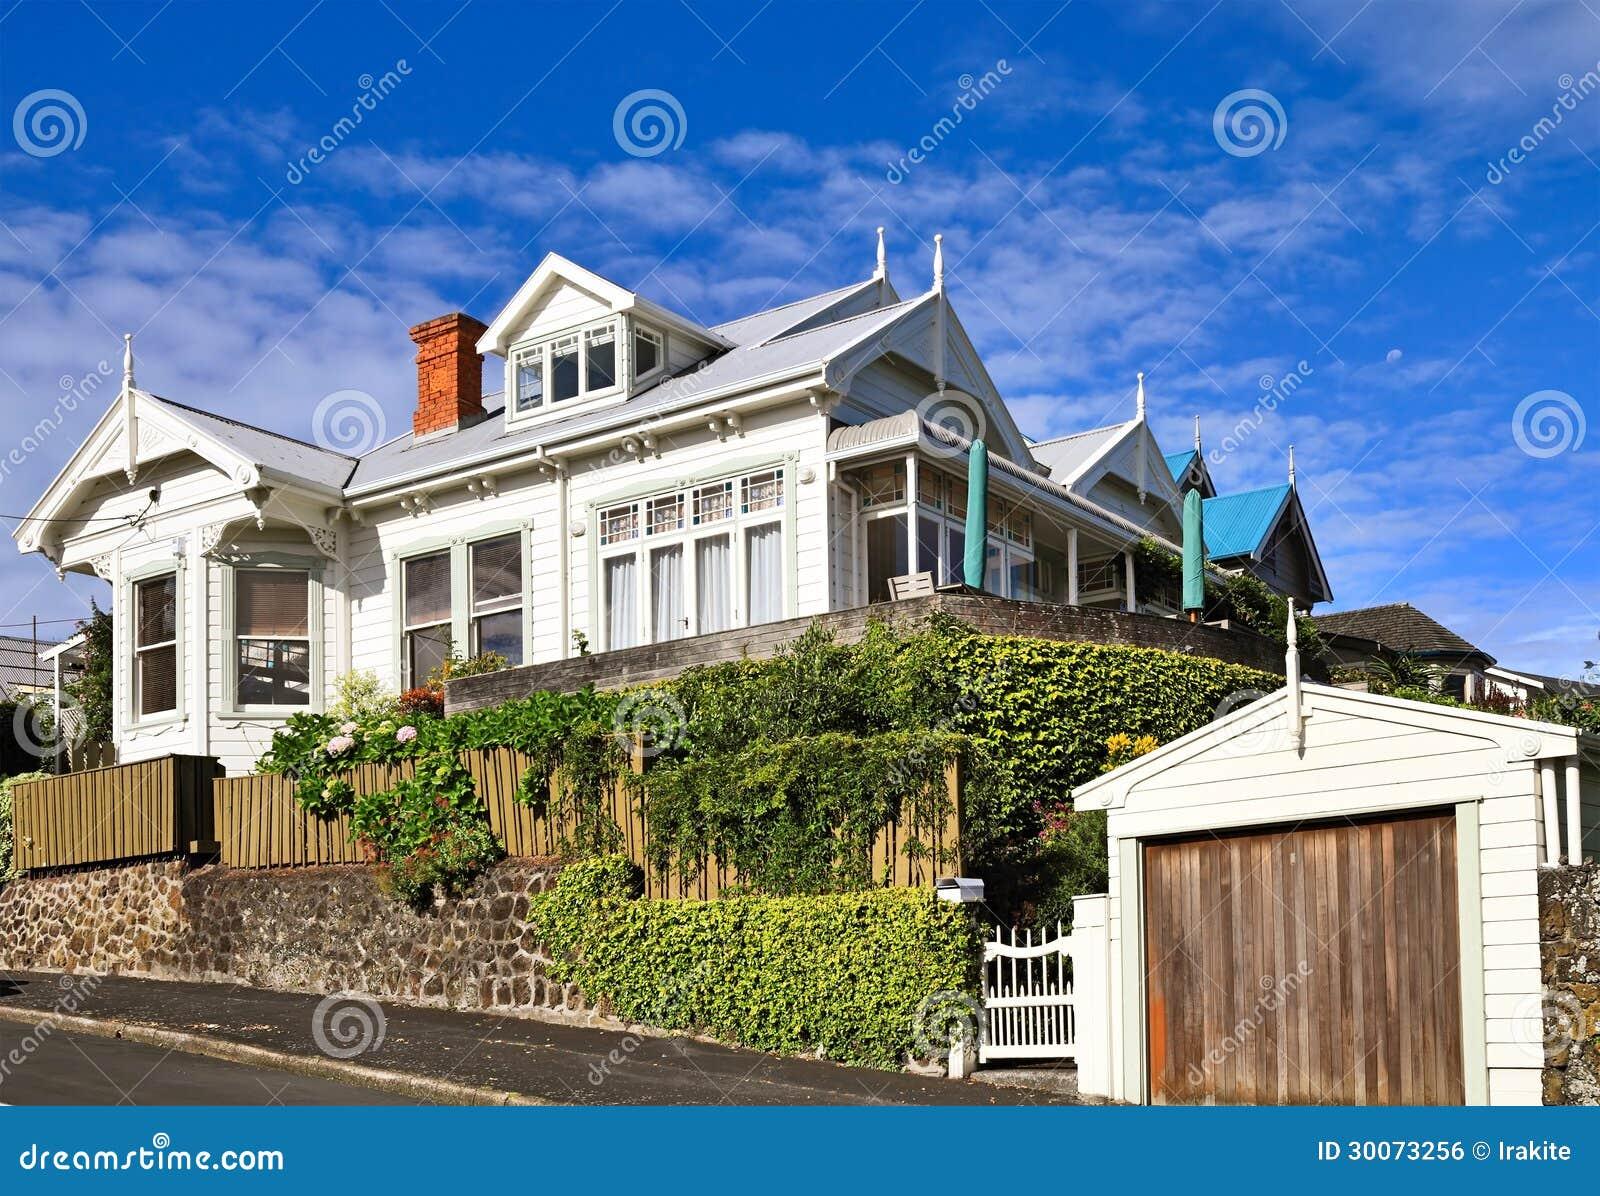 maison victorienne image libre de droits image 30073256. Black Bedroom Furniture Sets. Home Design Ideas